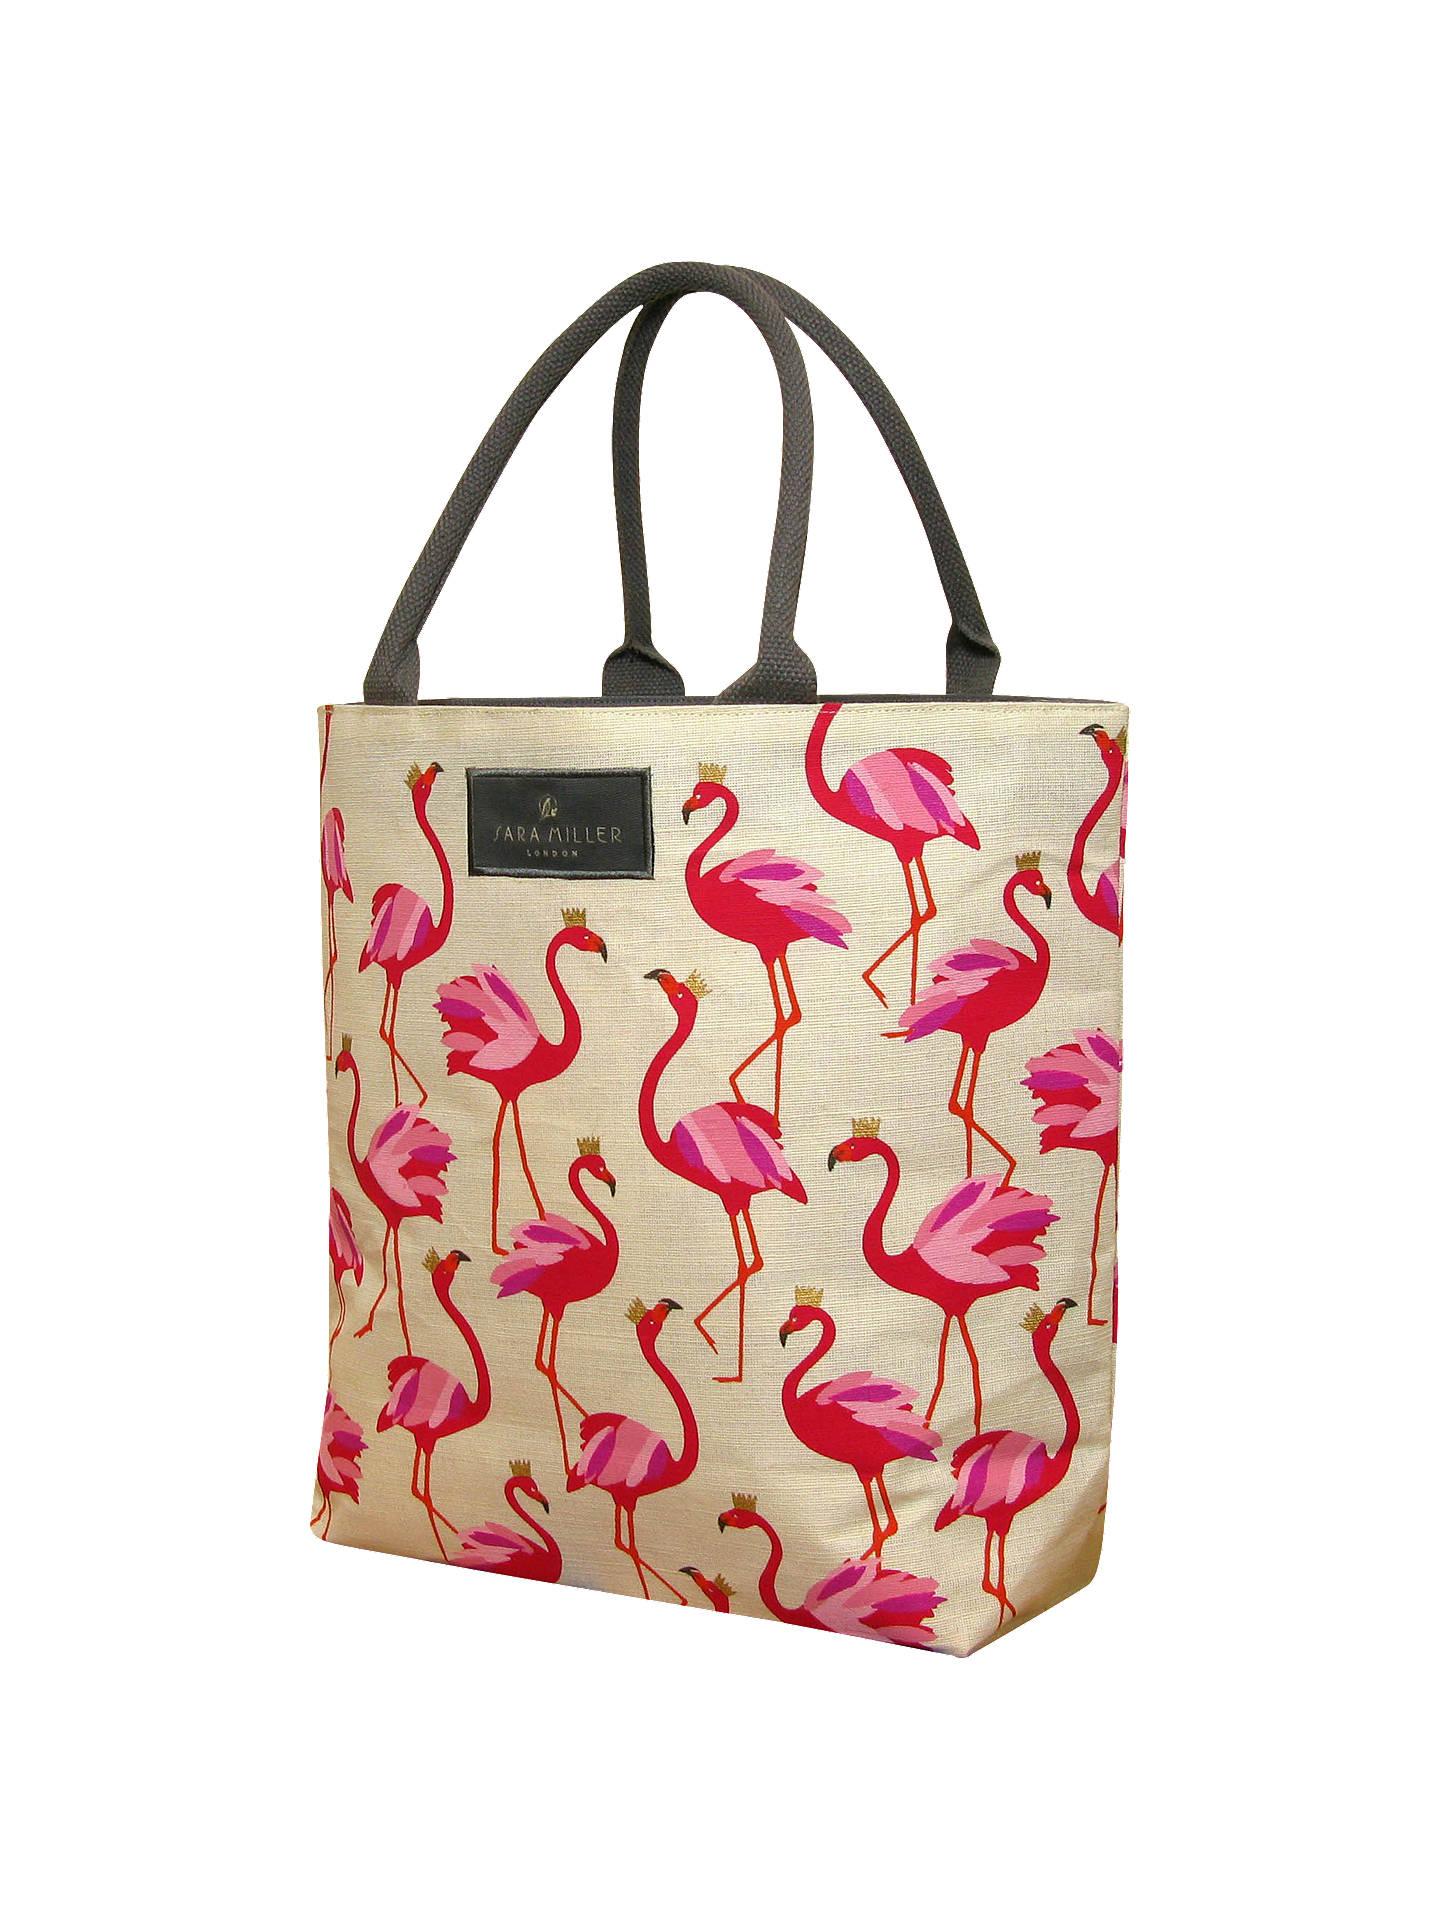 Sara Miller Flamingo Tote Bag Pink Online At Johnlewis